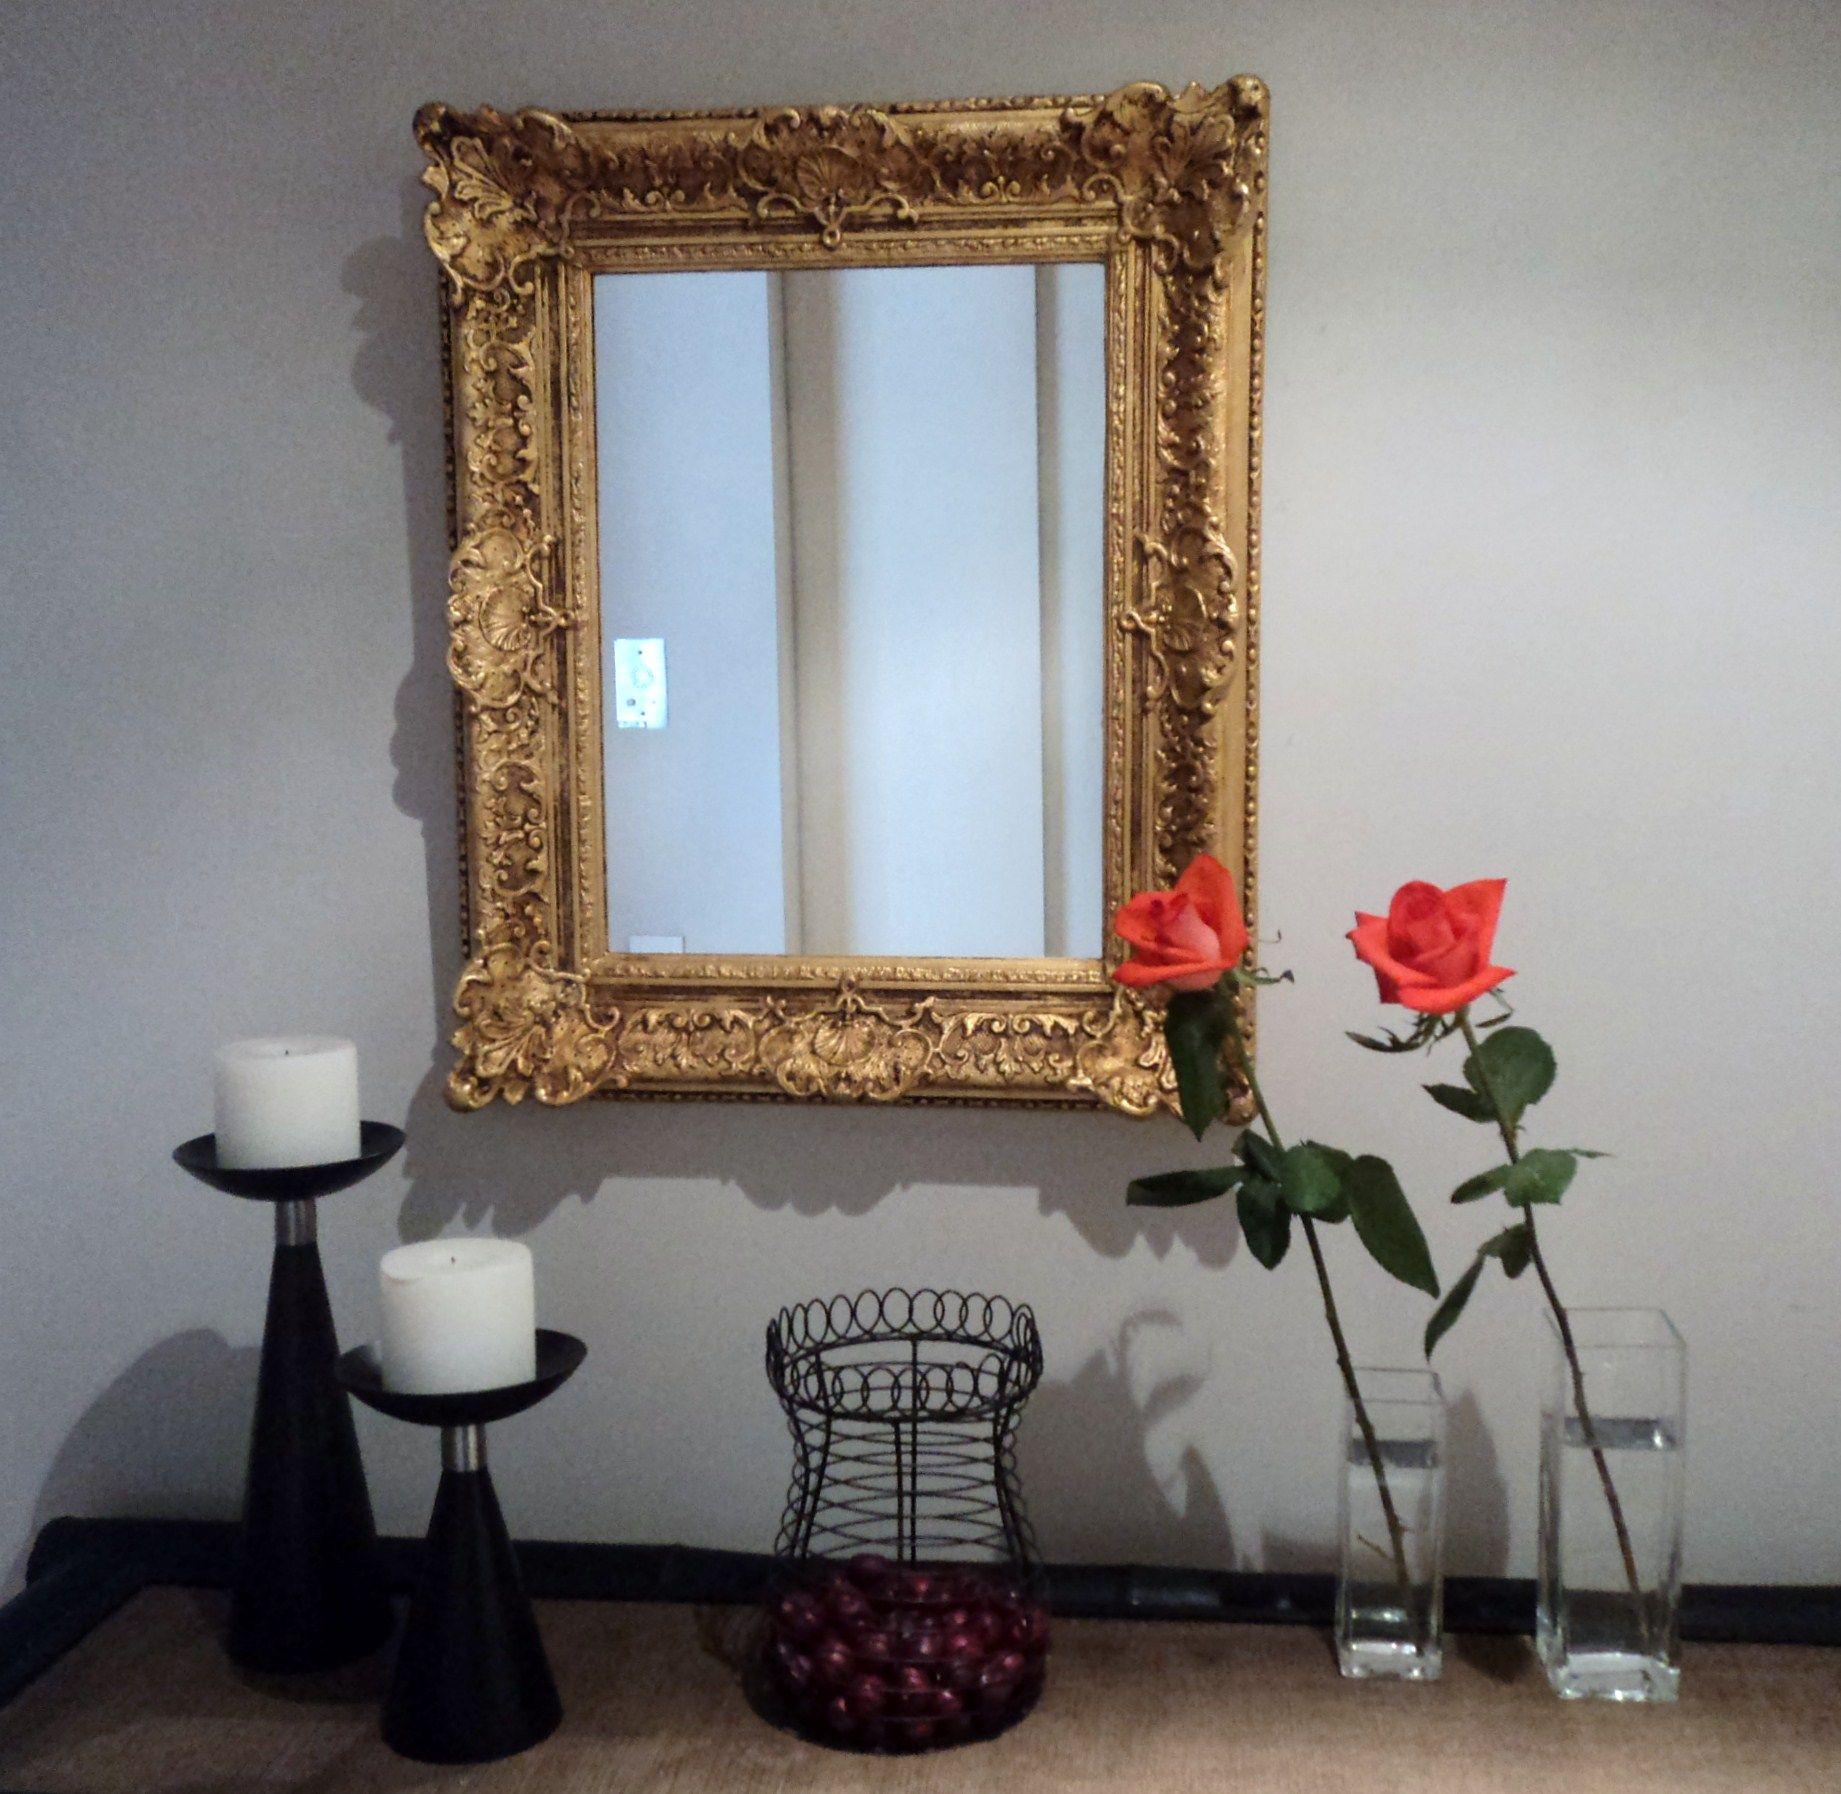 Espejo en marco franc s estilo rococ dorado a la hoja cuadros dorados pinterest espejos - Marcos espejos antiguos ...